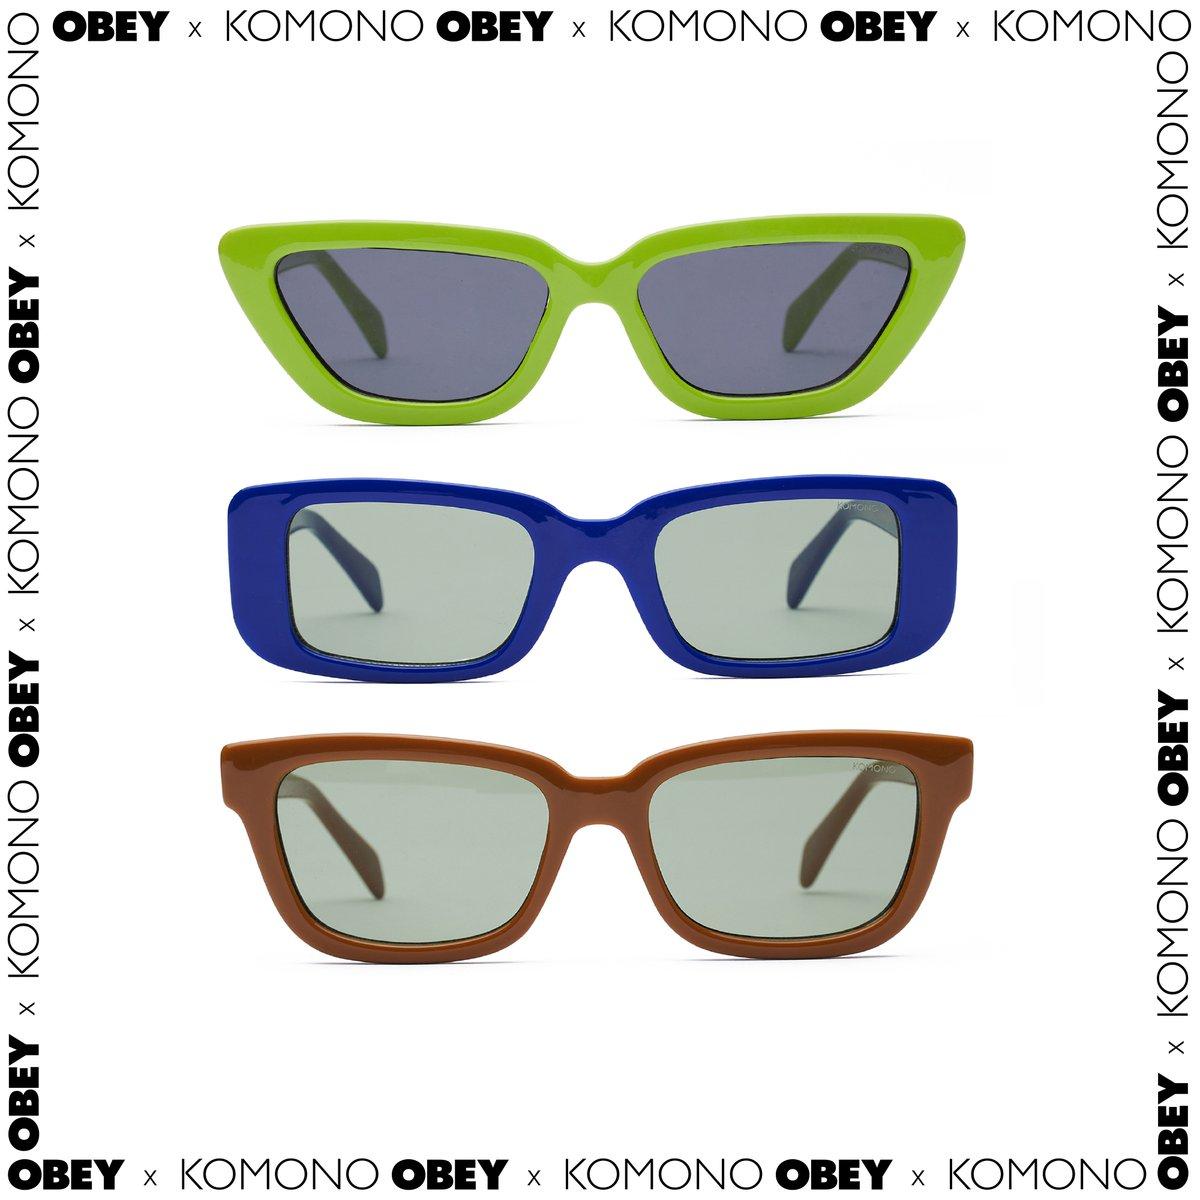 OBEY X KOMONO